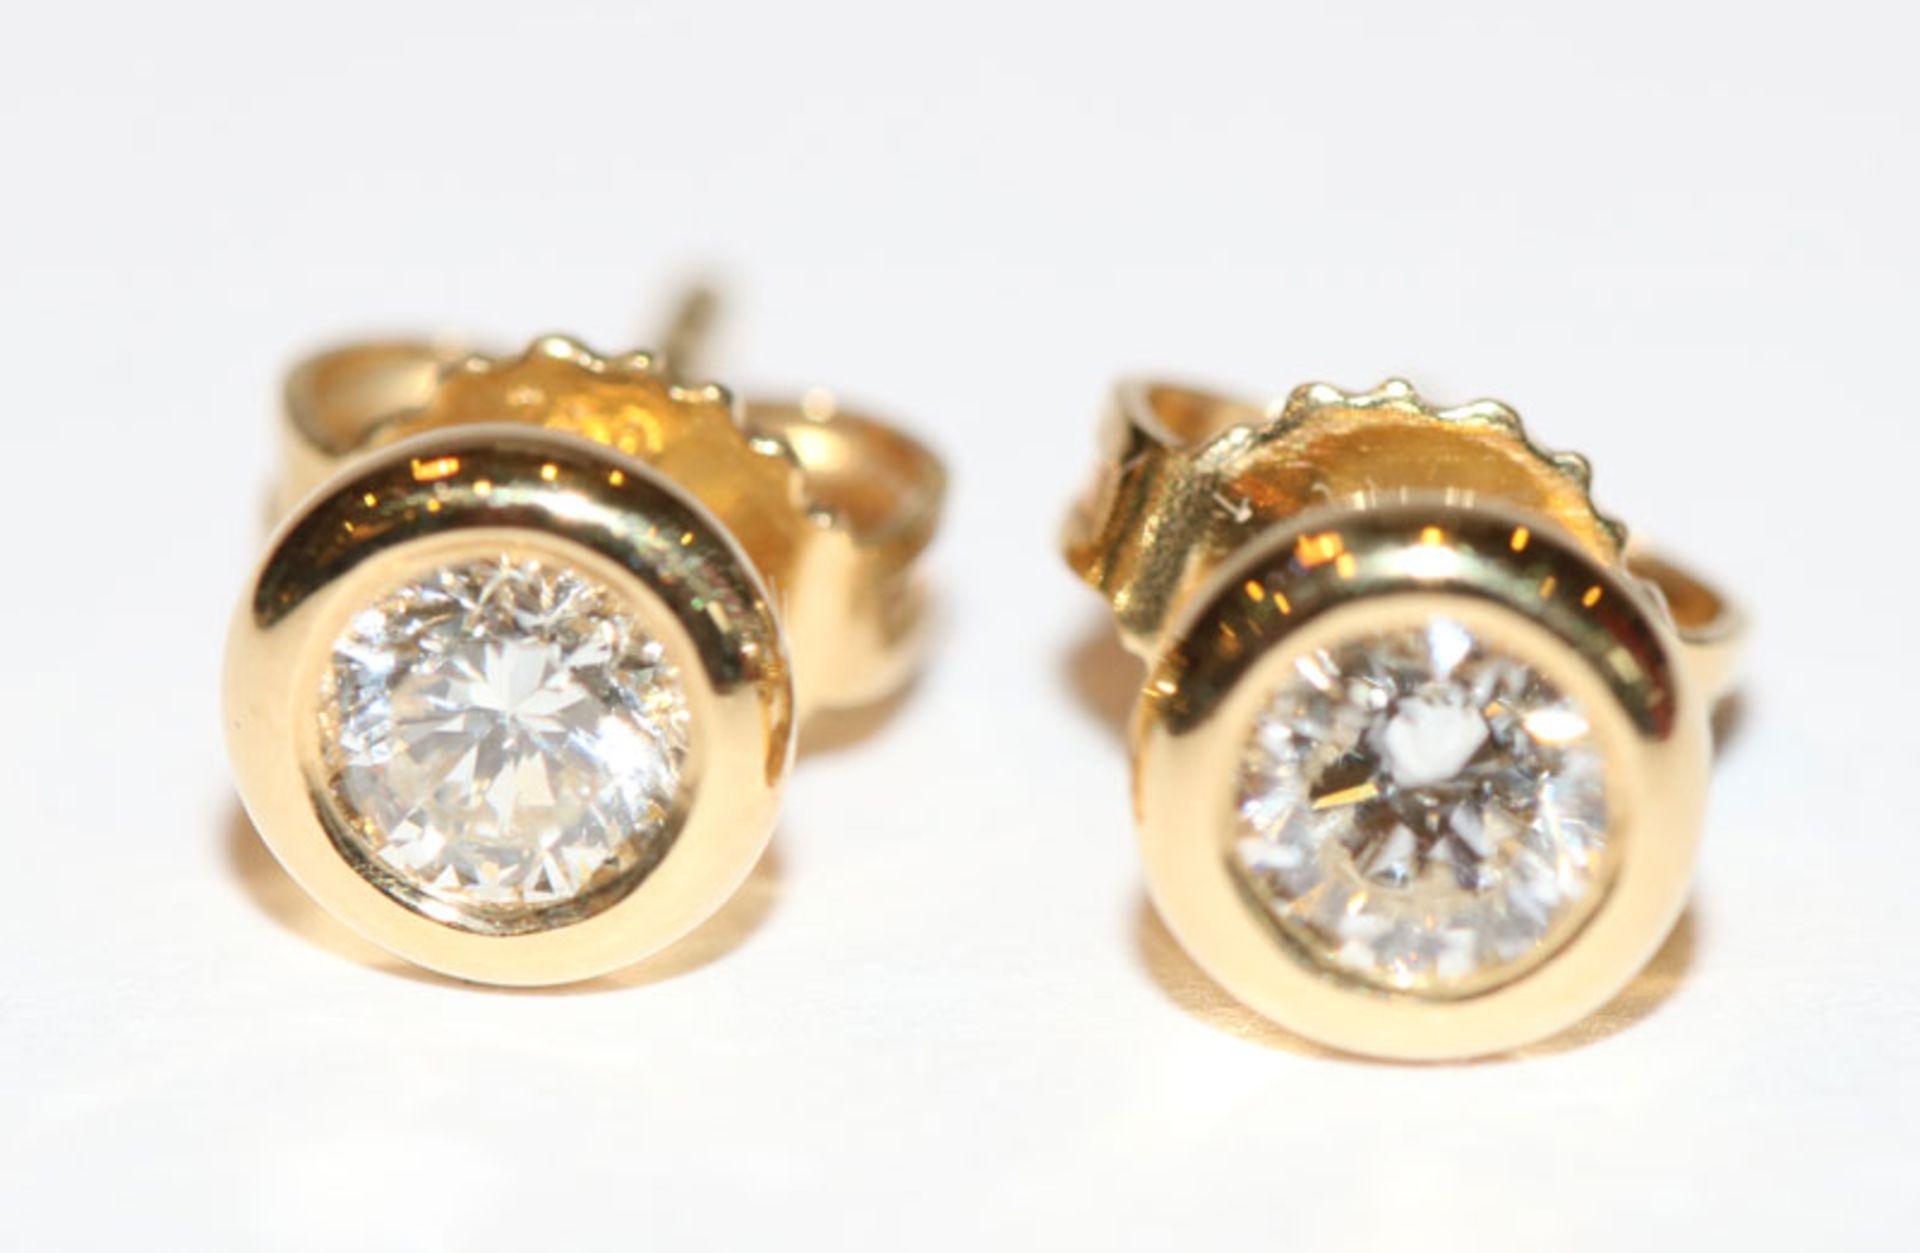 Los 36 - Paar 18 k Gelbgold Diamant-Ohrstecker, zus. 0,60 ct. wesselton/si